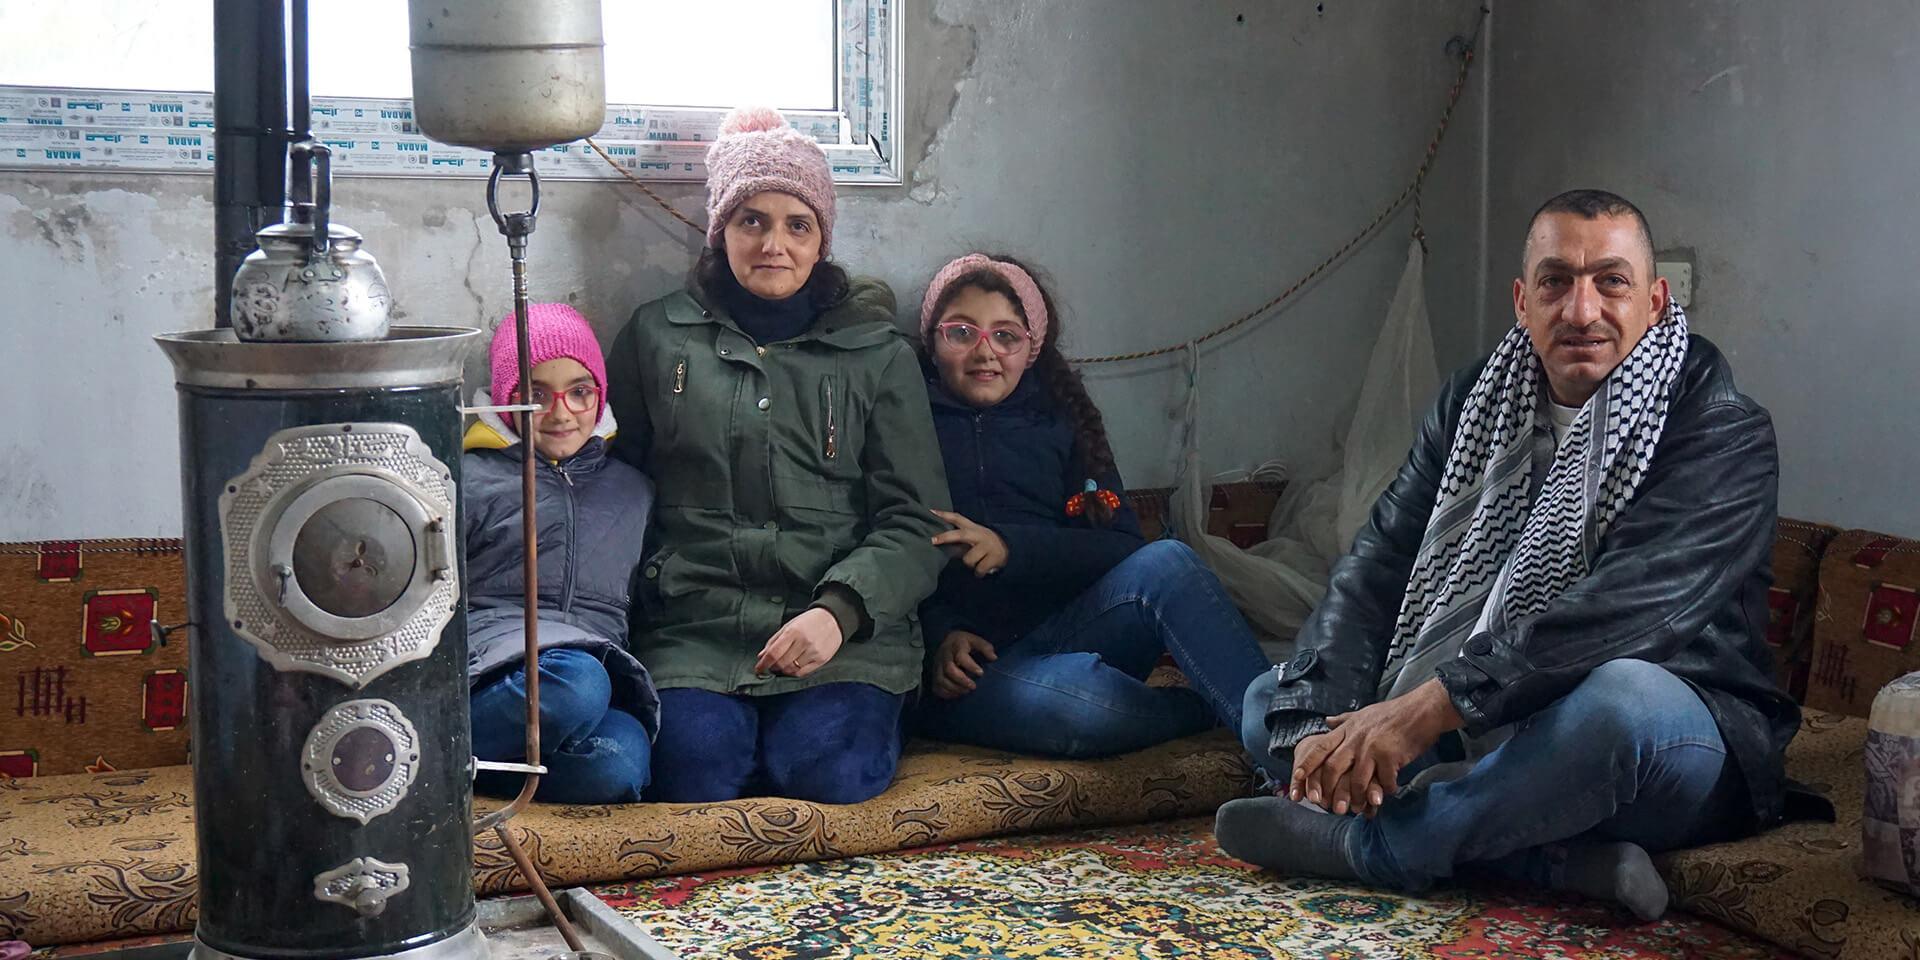 Familie auf der Flucht, © Isabelle Freimann/Diakonie Katastrophenhilfe